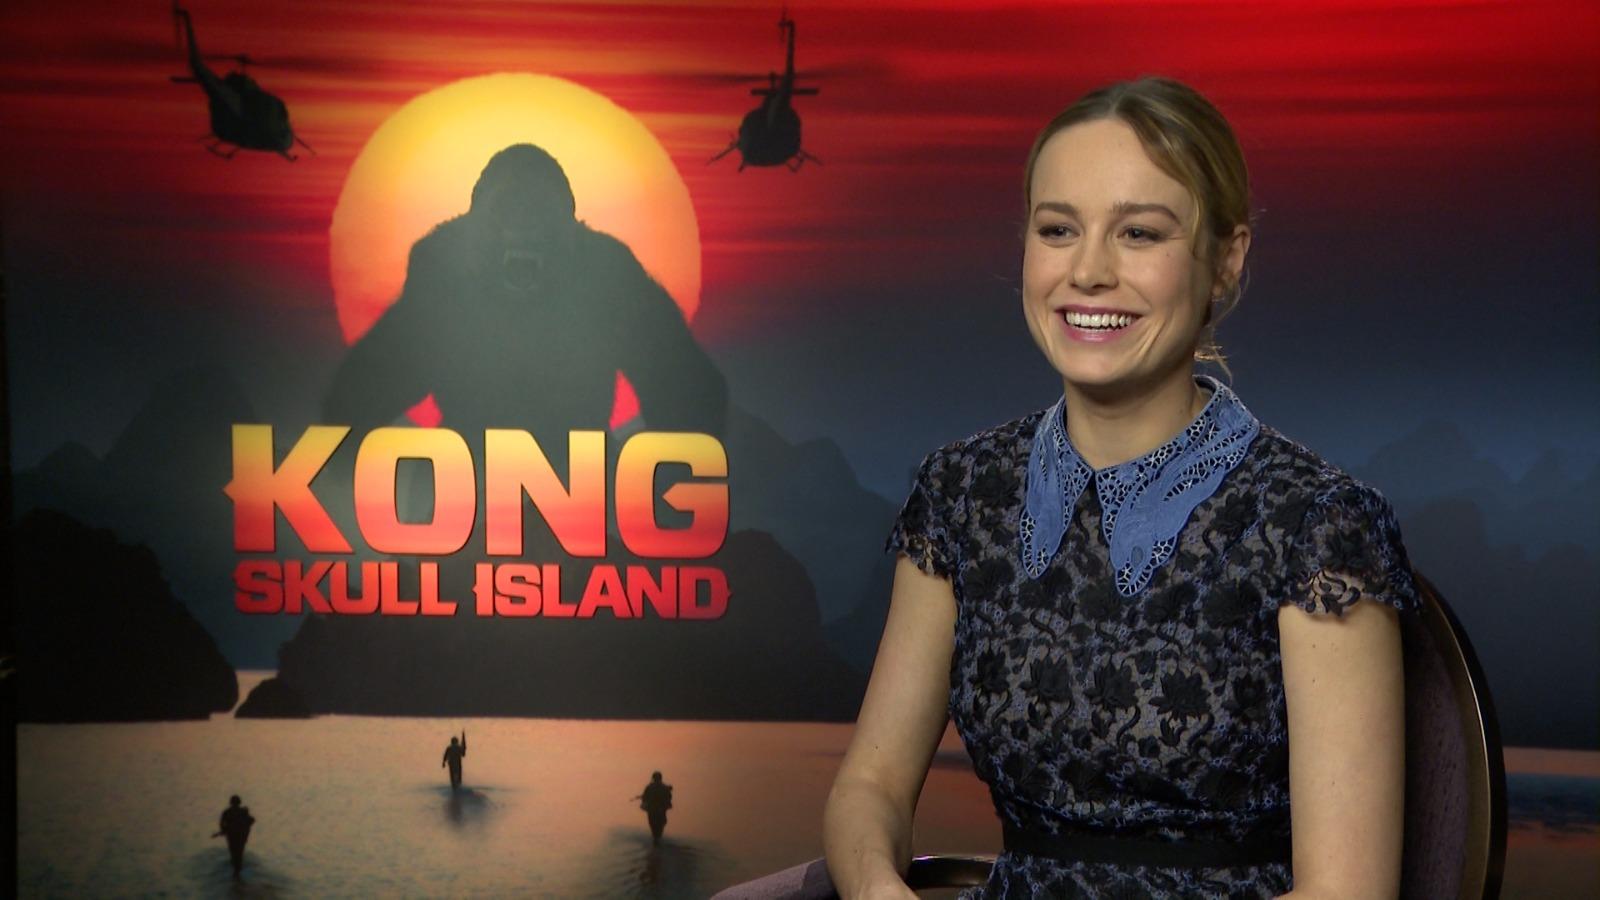 ผลการค้นหารูปภาพสำหรับ brie larson kong skull island